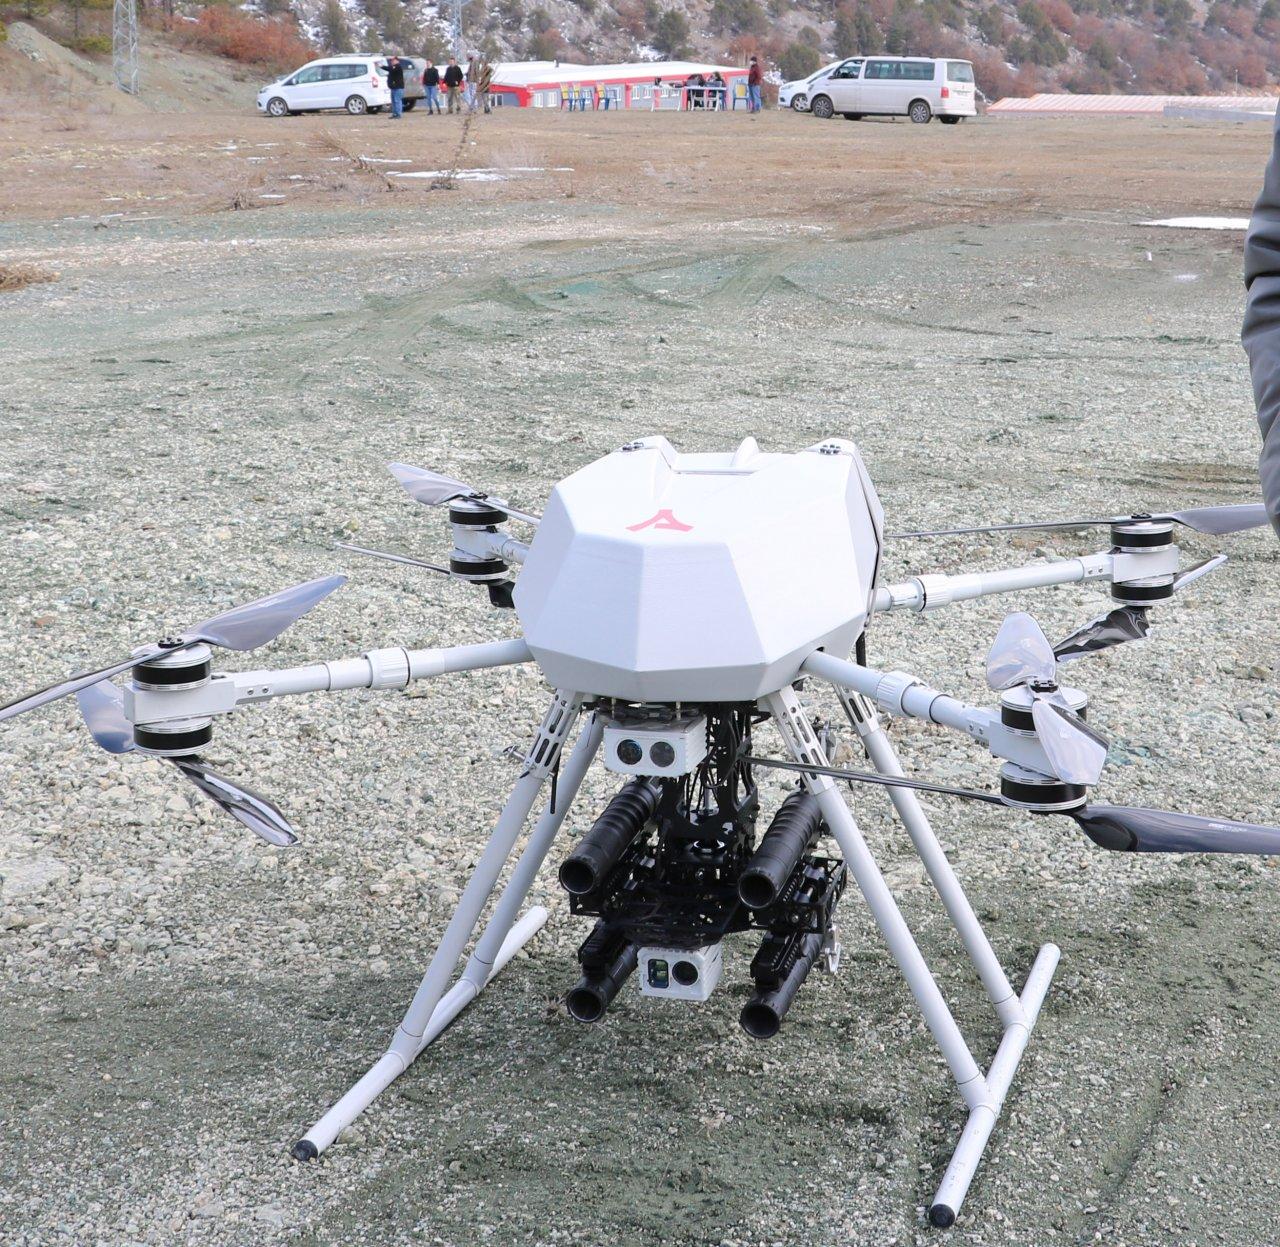 turkiyenin-ilk-milli-bomba-atarli-dronu-songar-3674-dhaphoto6.jpg